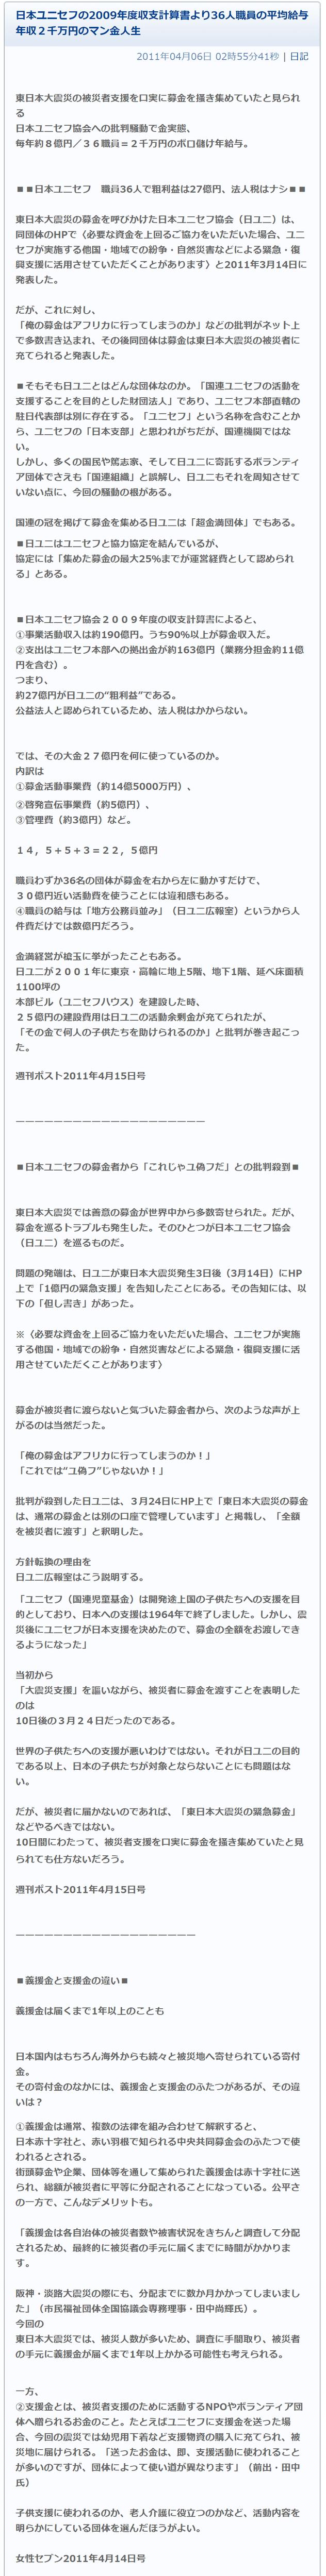 日本ユニセフ36人の職員の平均年収2千万円